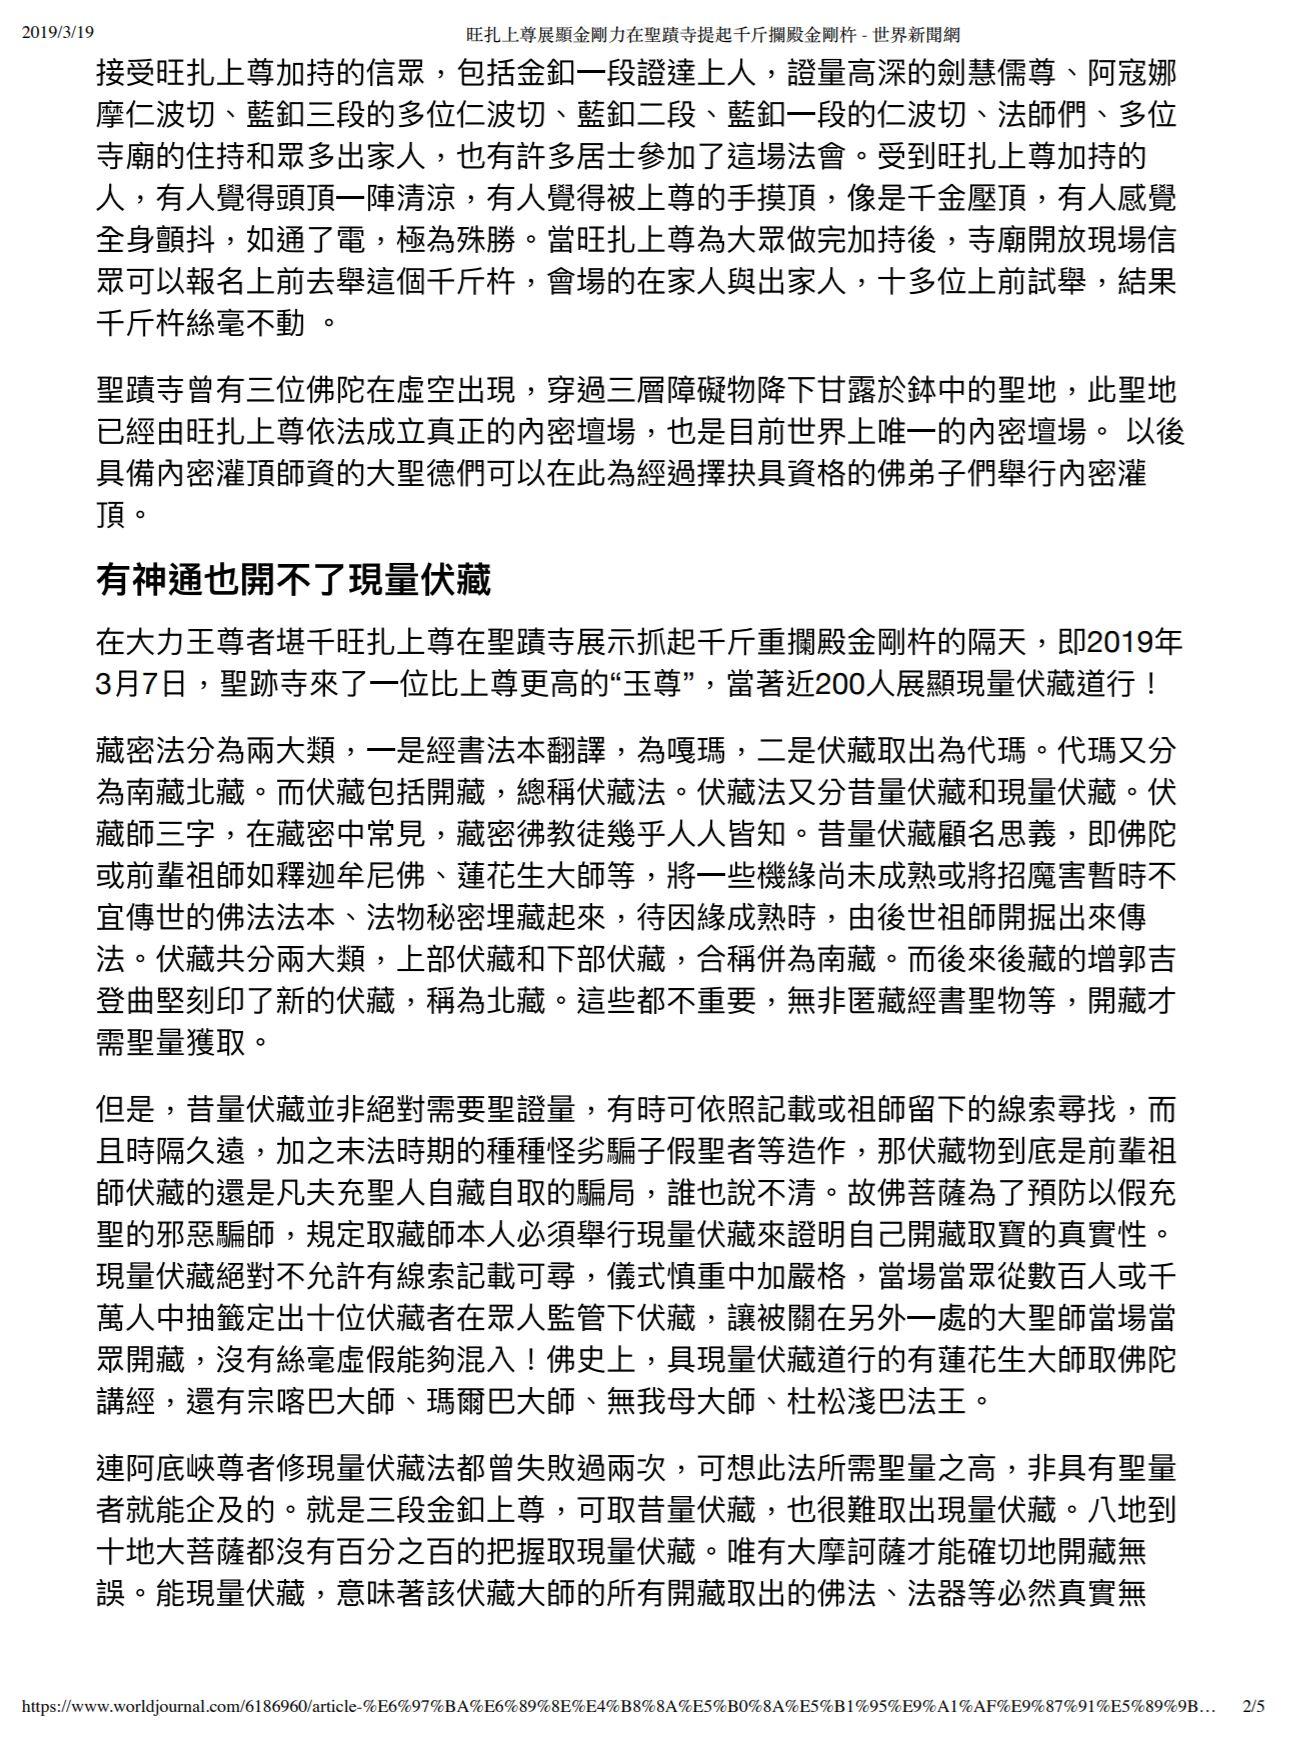 (世界日報)旺扎上尊展顯金剛力在聖蹟寺提起千斤攔殿金剛杵 - 有神通也開不了現量伏藏-2